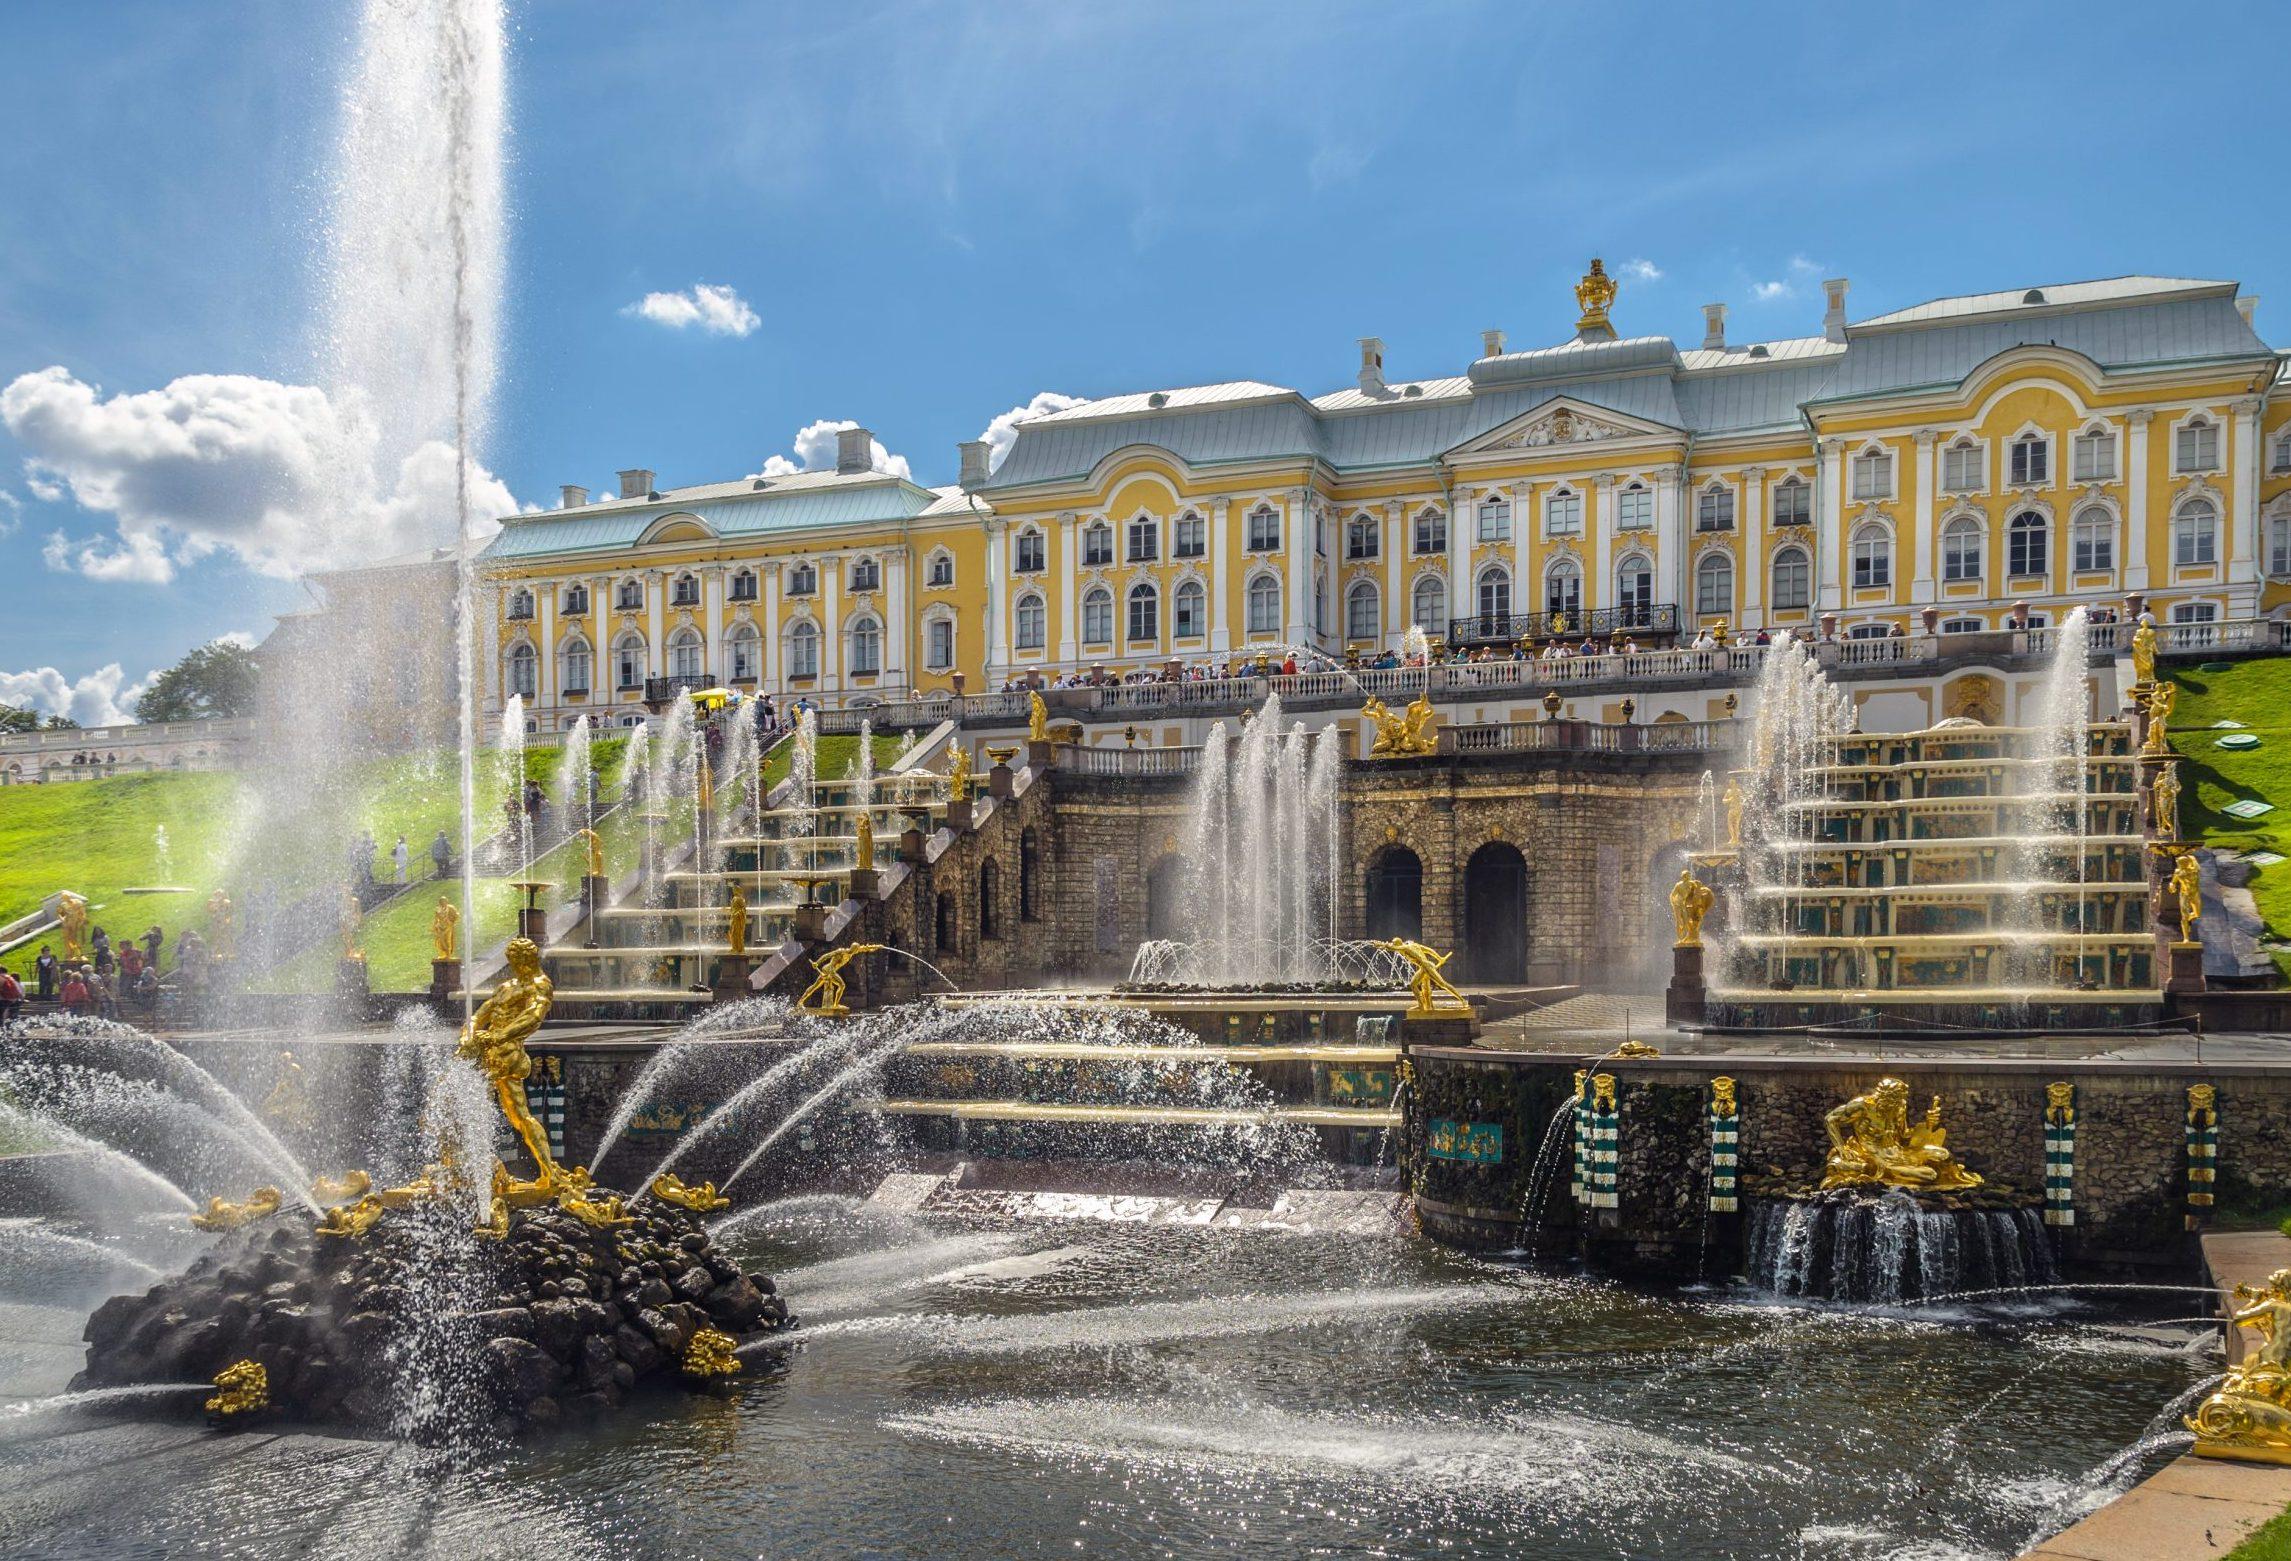 Akademisk Rejsebureau med blandt andet speciale i rejser med rejseleder i Rusland er gået konkurs. Arkivfoto fra Det store Palads i Peterhof ved Skt. Petersborg. Wikipediafoto: Alex 'Florstein' Fedorov.